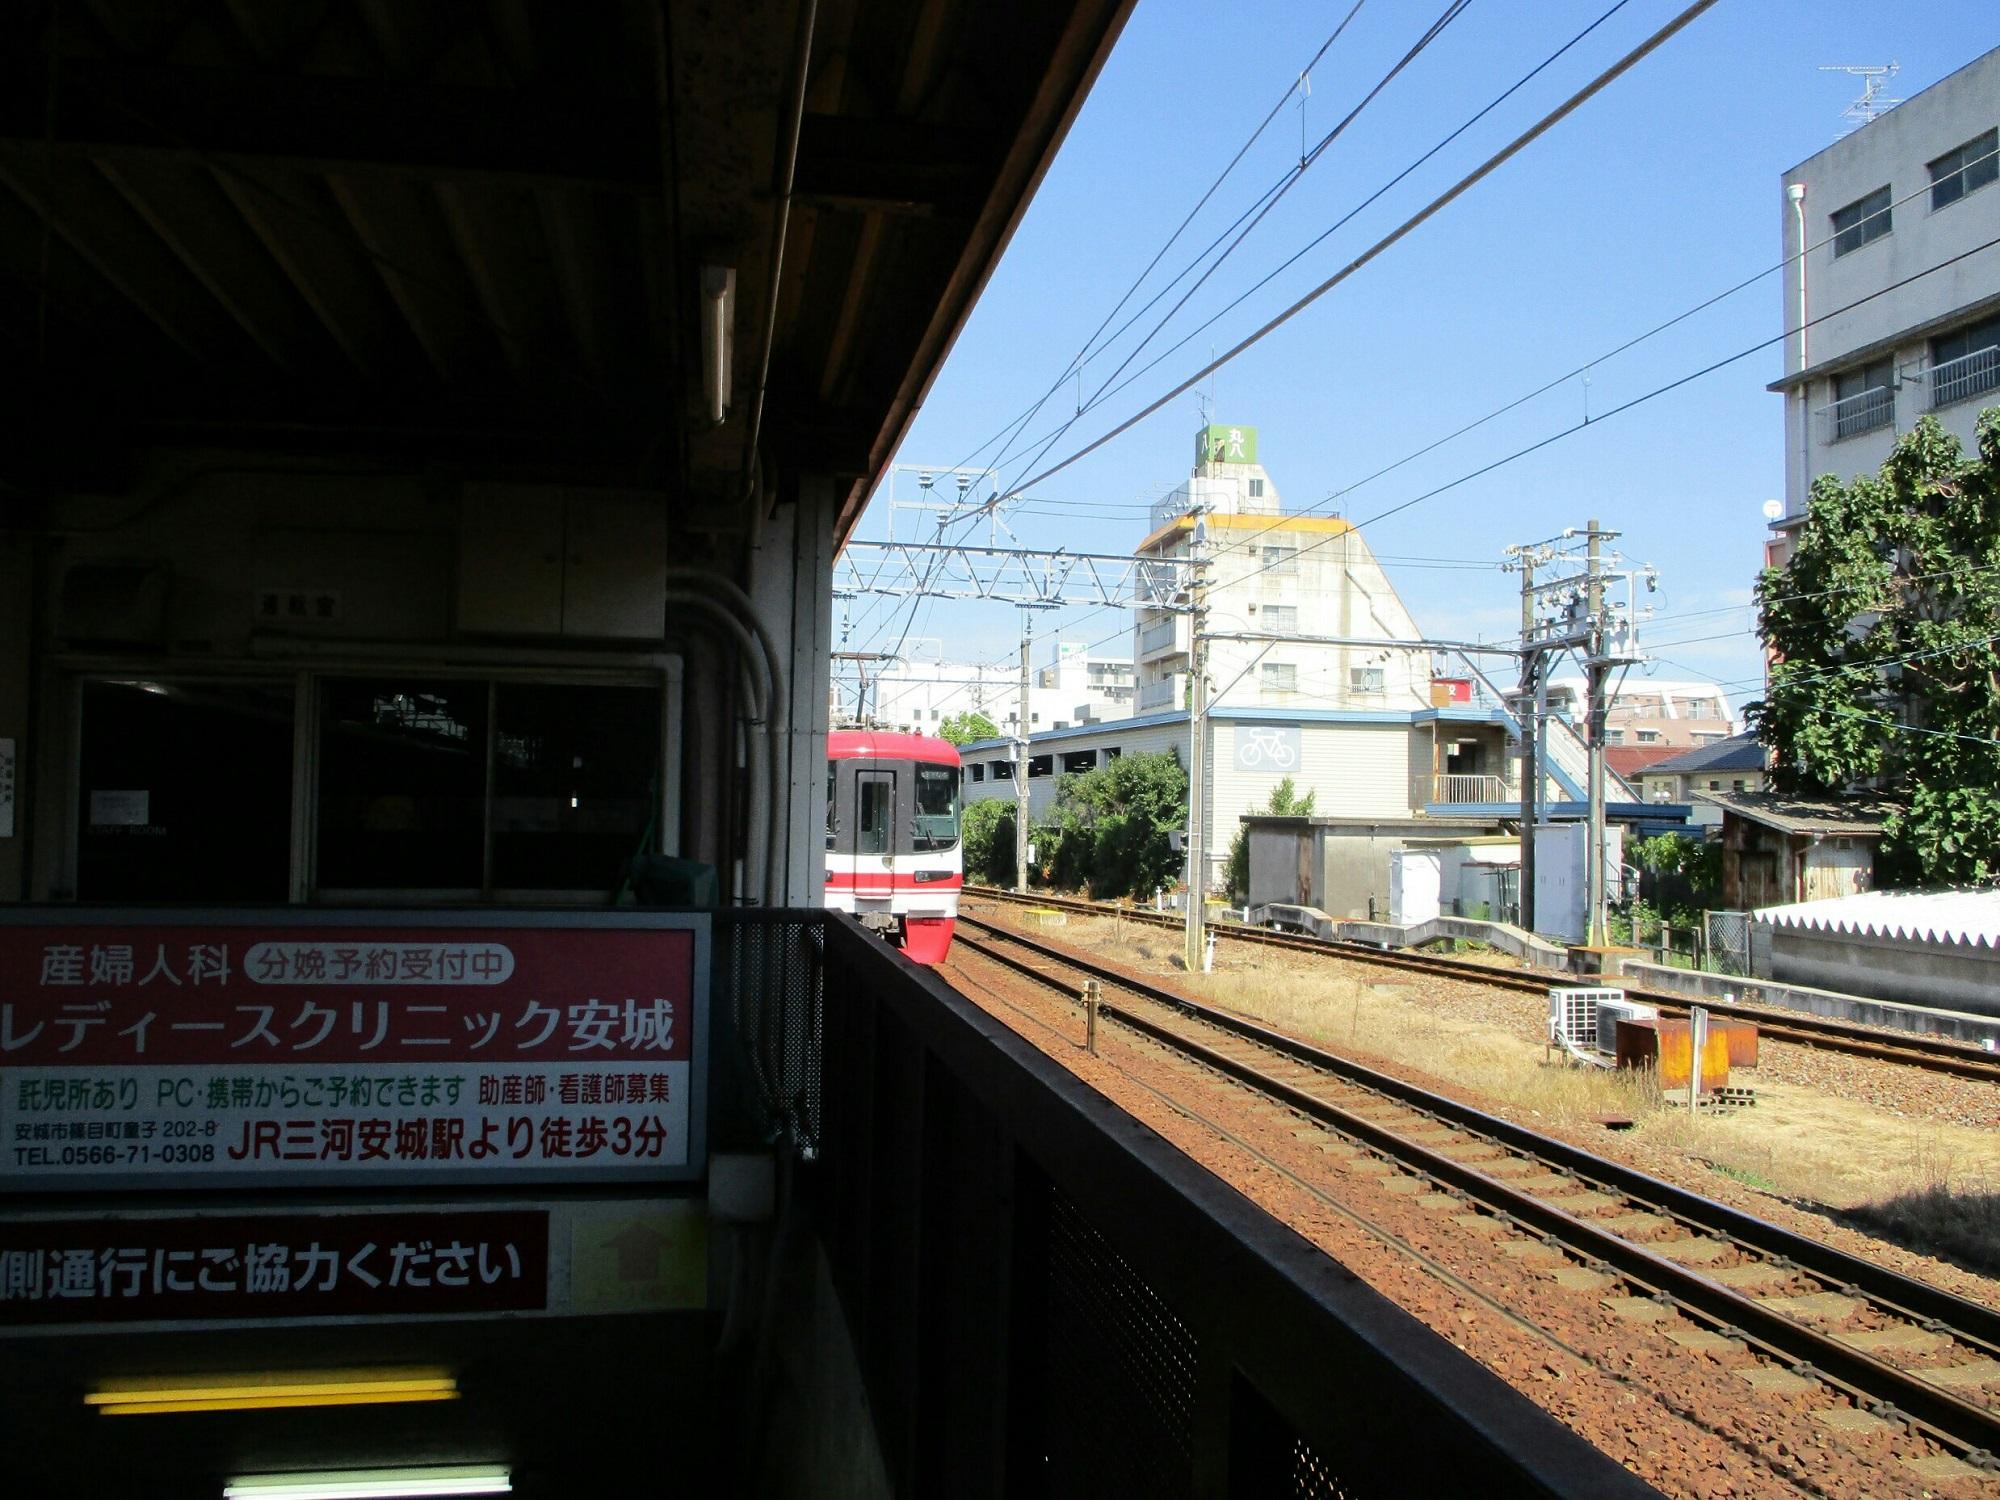 2018.8.27 (25) しんあんじょう - 岐阜いき特急 2000-1500